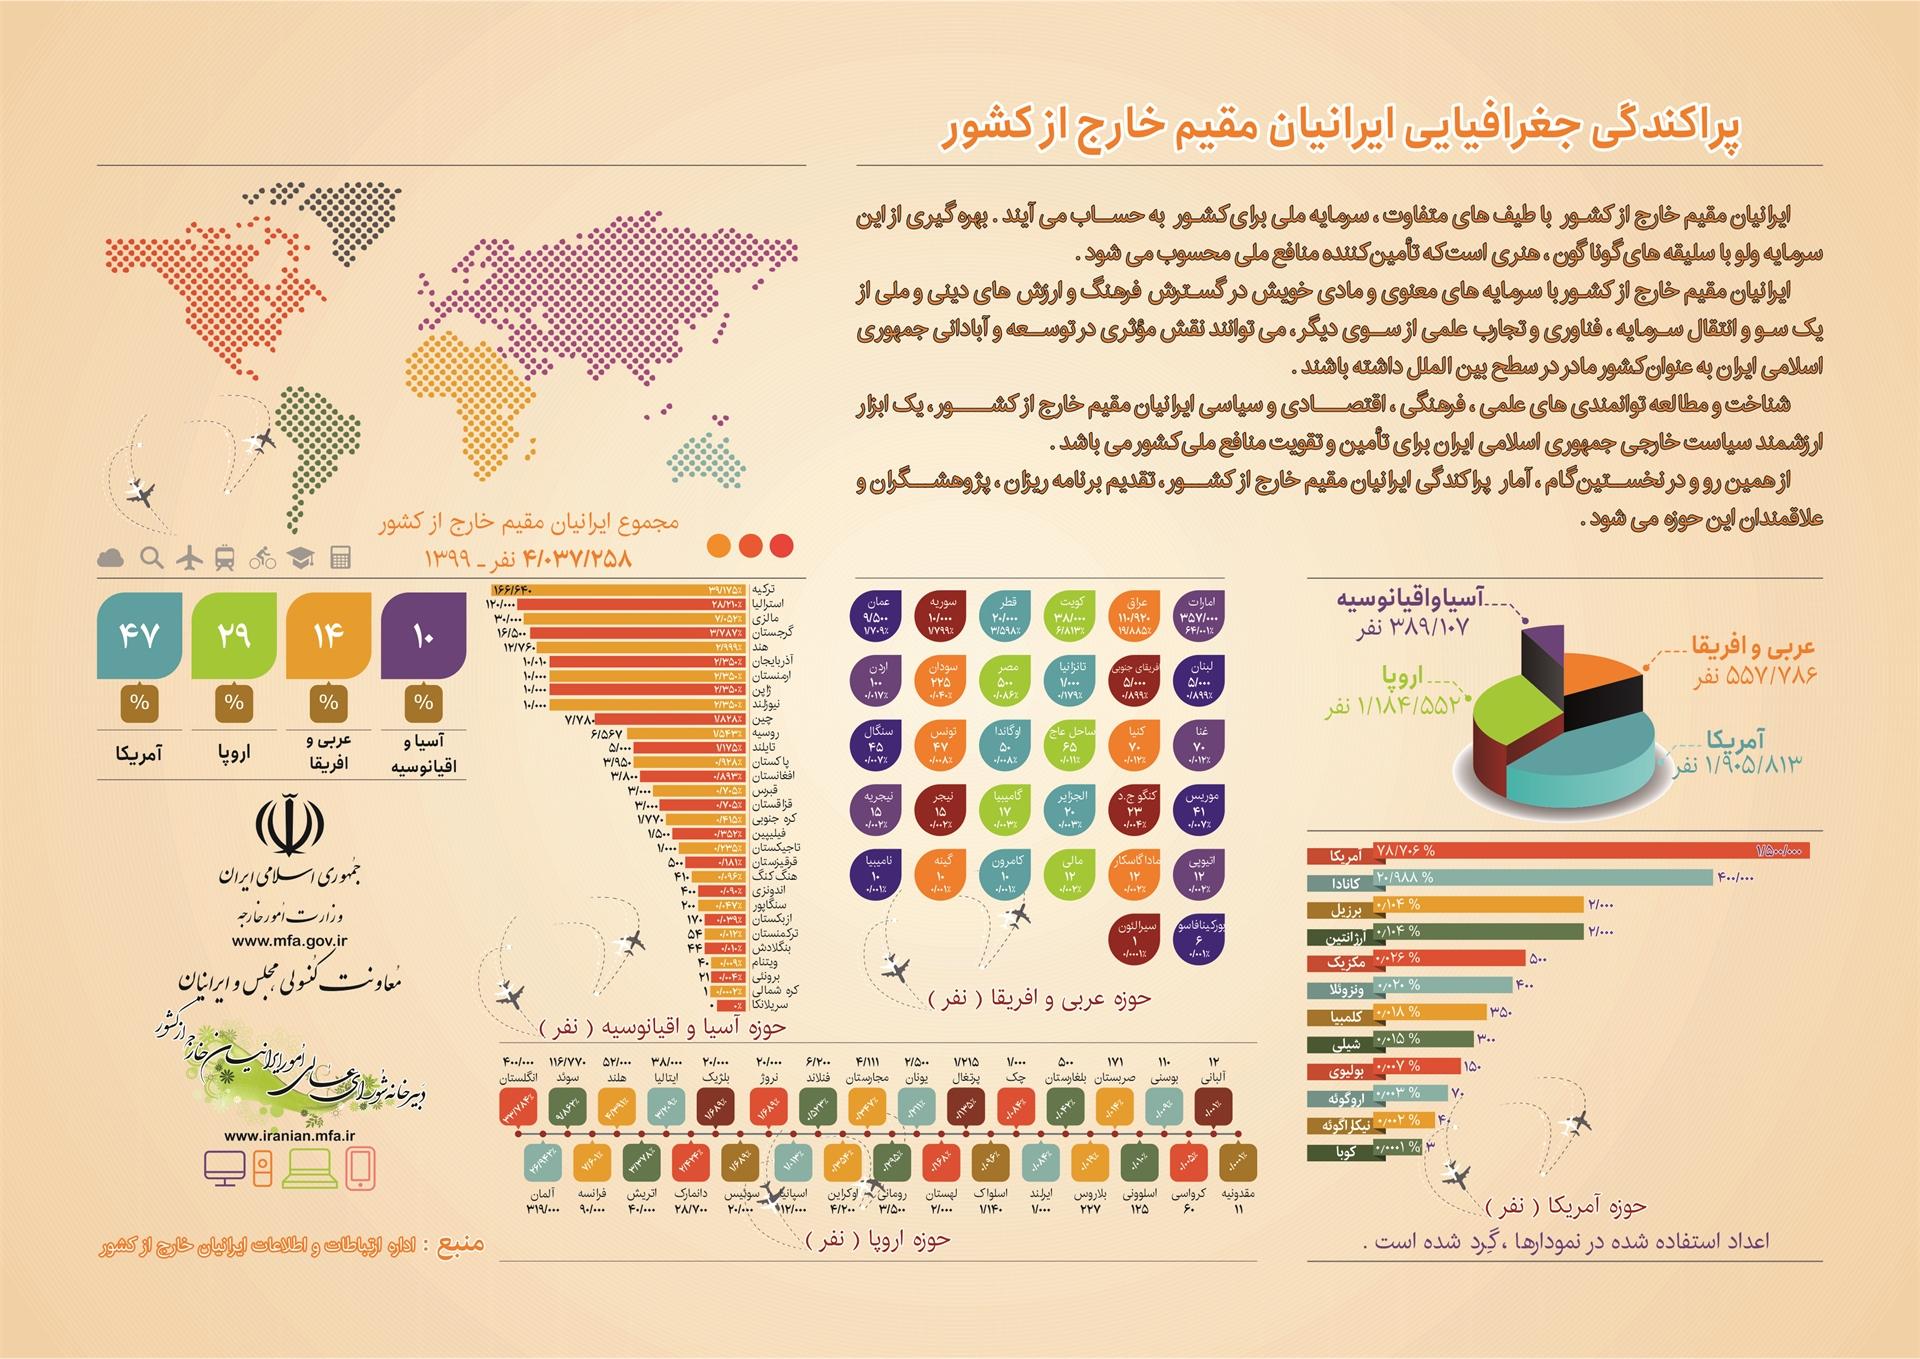 پراکندگی ایرانیان مقیم خارج از کشور